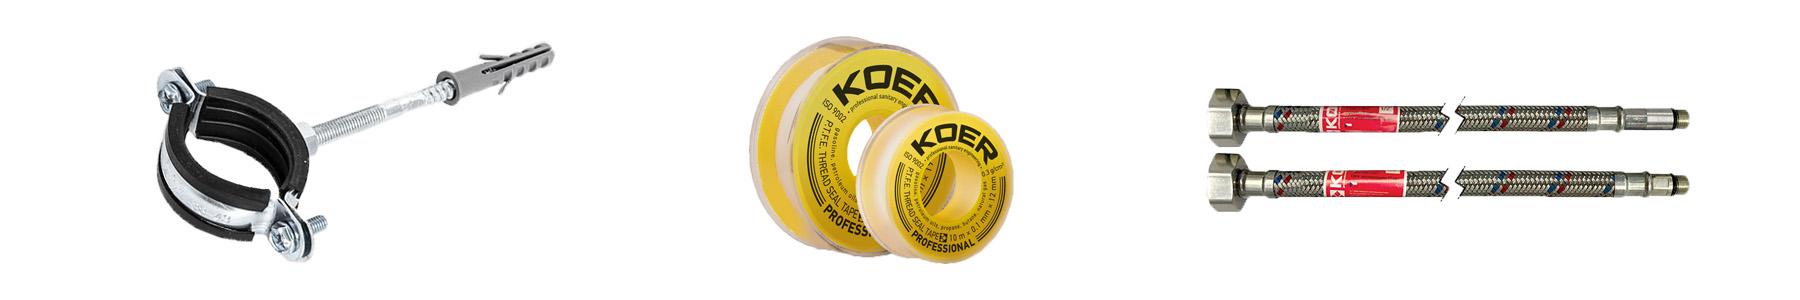 Запчасти и уплотнительные материалы KOER